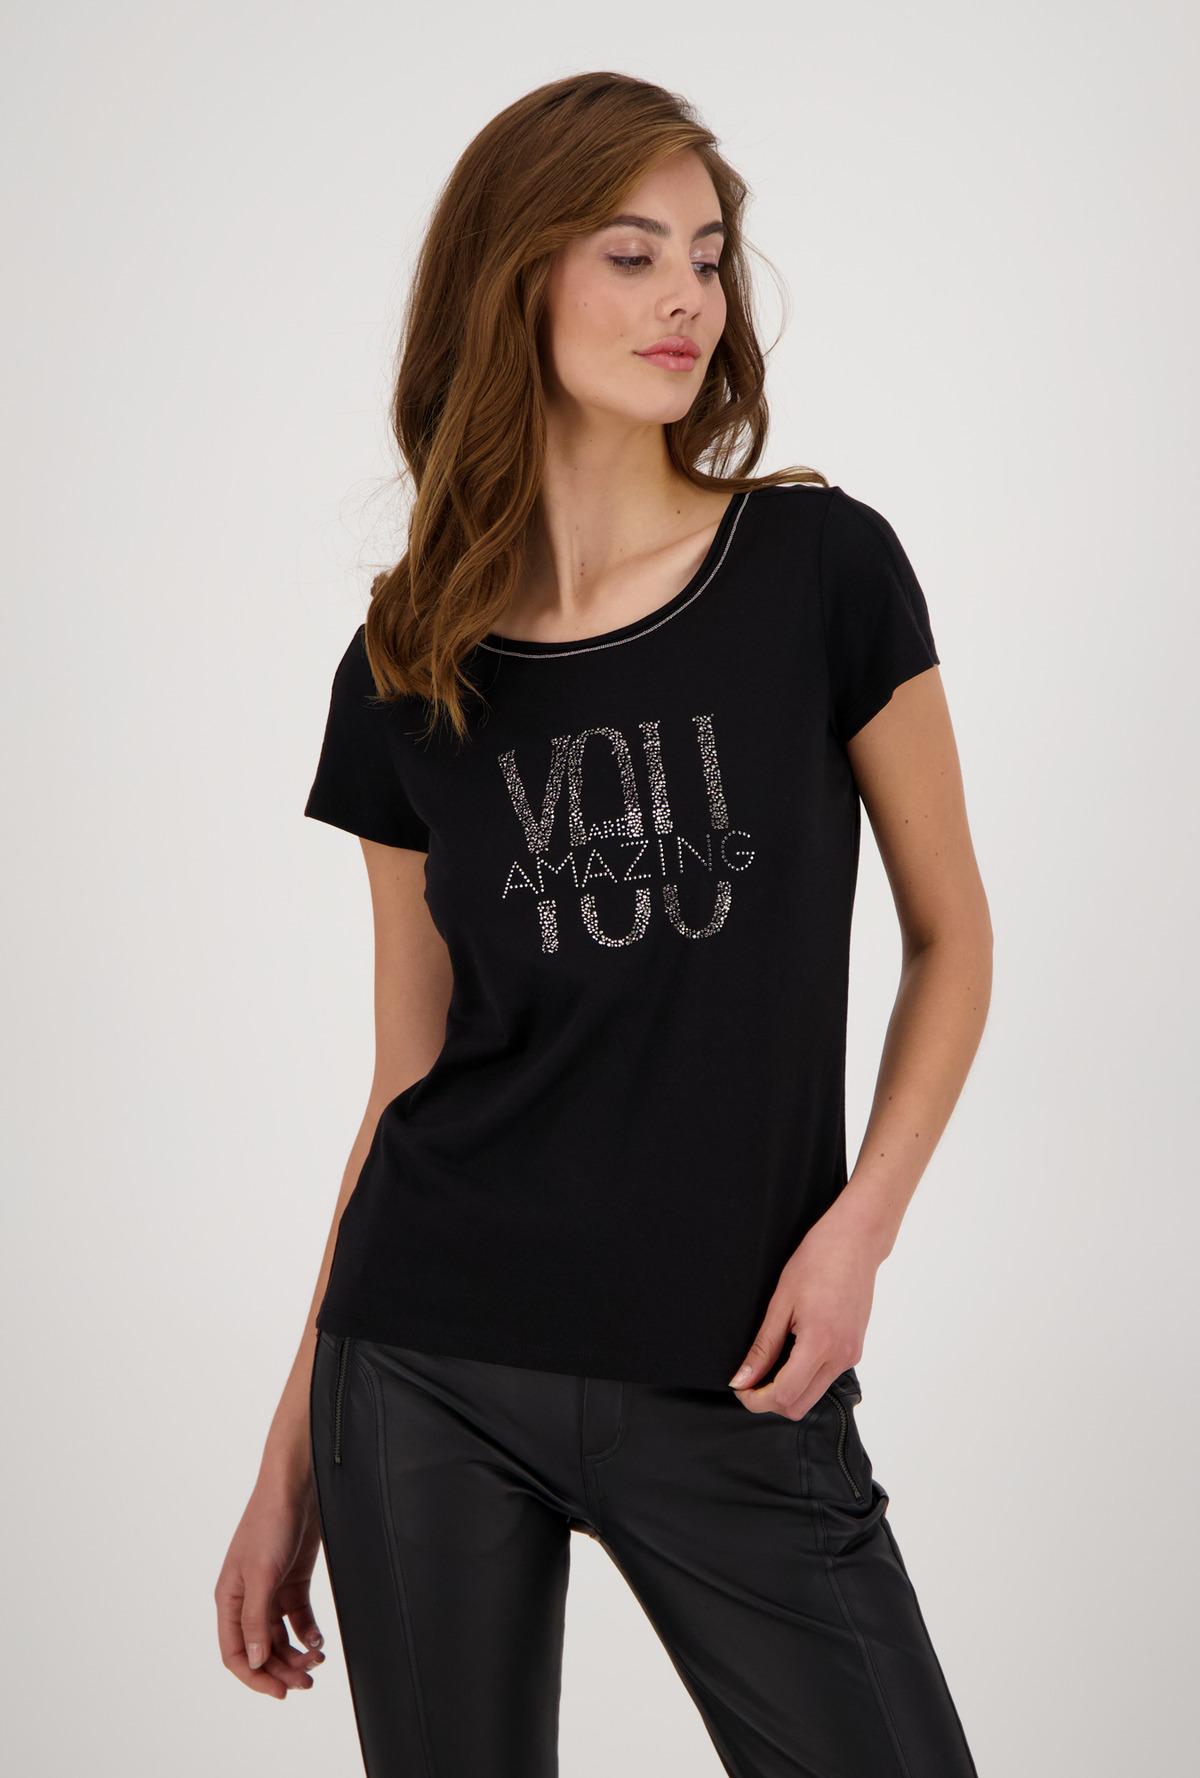 Monari Shirt Amazing